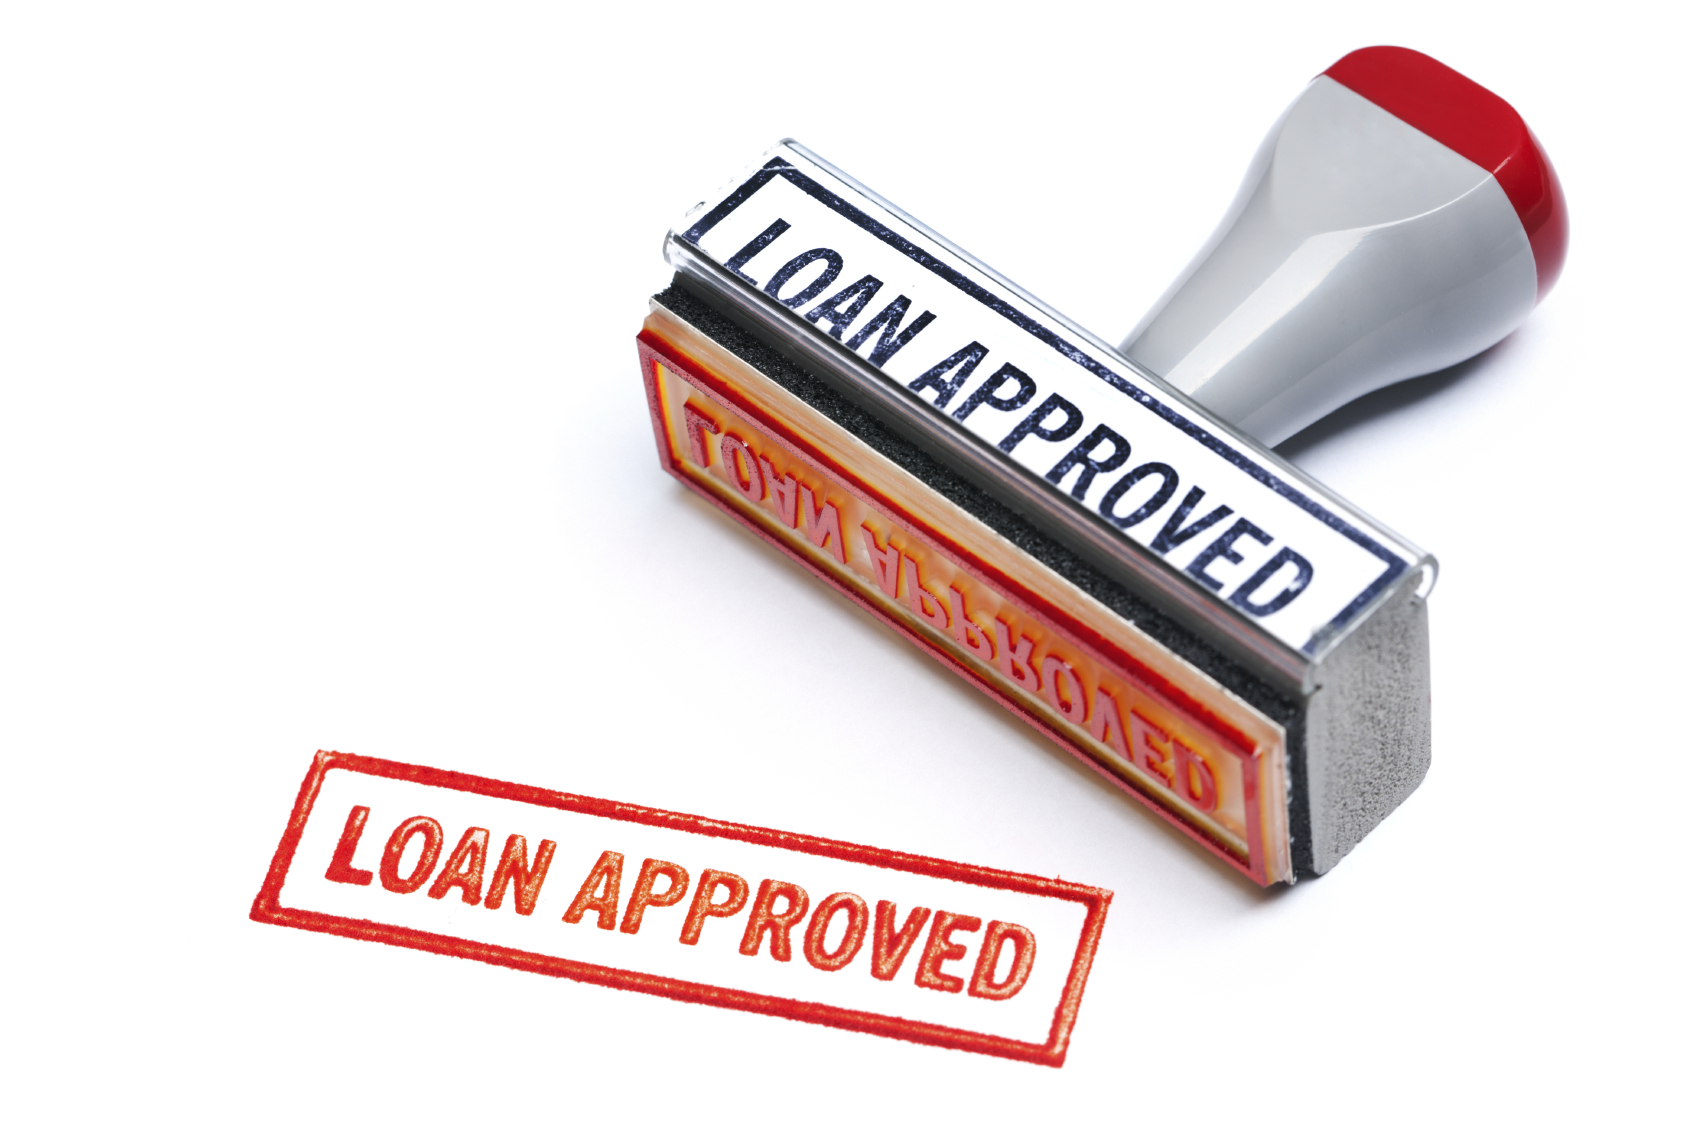 Jiffy payday loan image 3